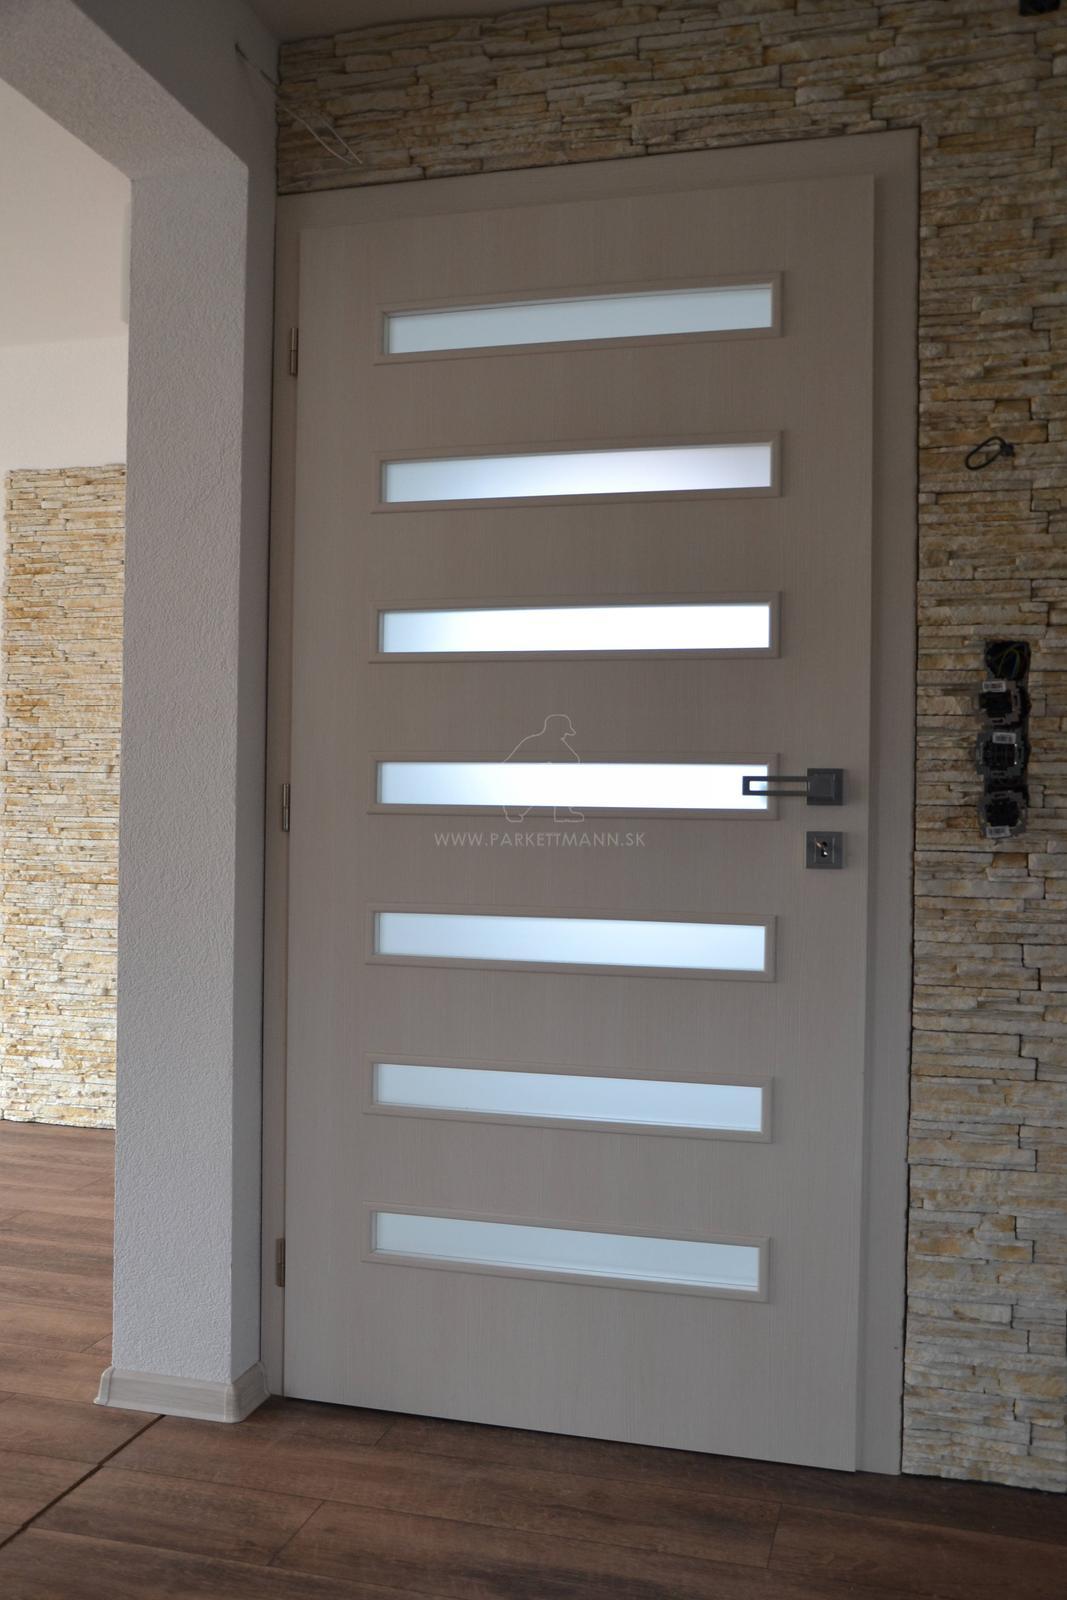 Z našich realizácií : CPL interiérové dvere - Obrázok č. 4